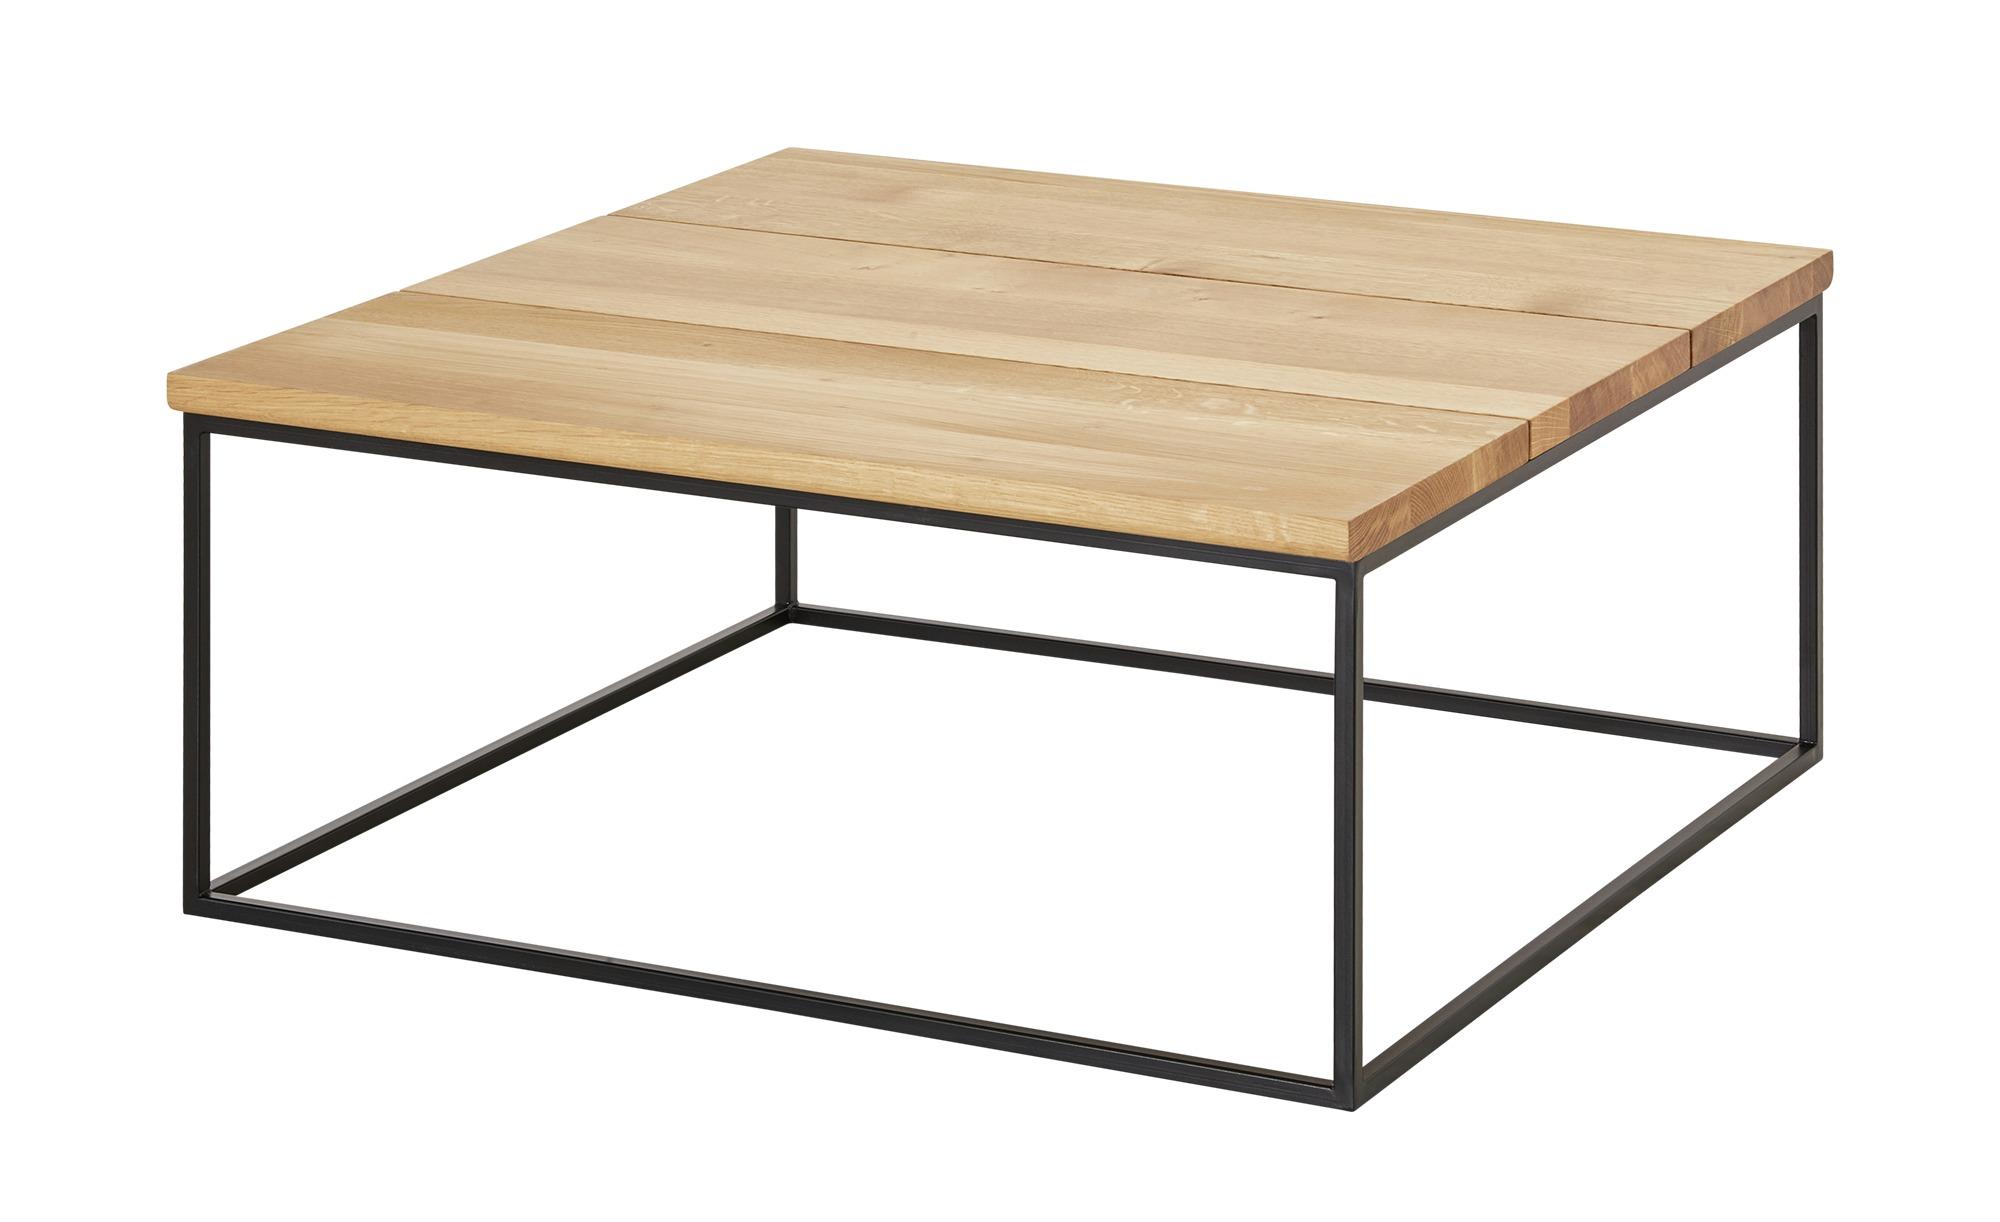 Couchtisch - holzfarben - 90 cm - 40 cm - 90 cm - Tische > Couchtische - Möbel Kraft | Wohnzimmer > Tische > Couchtische | Möbel Kraft